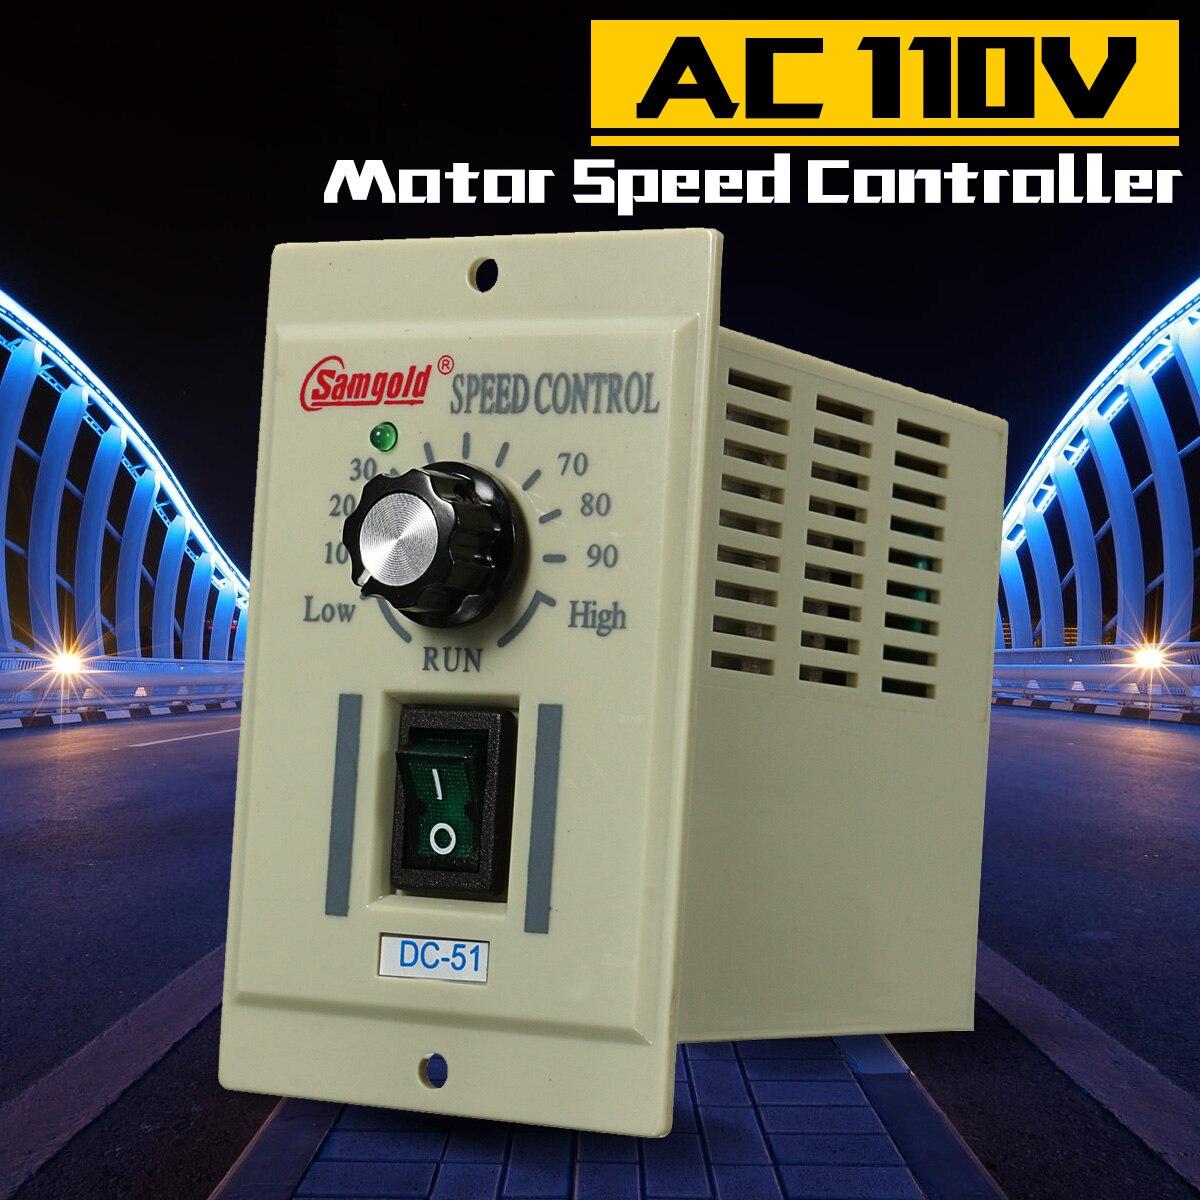 DC-51 1//3 Phase AC 110V Motor Speed Controller Variable Adjust For DC 90V 400W